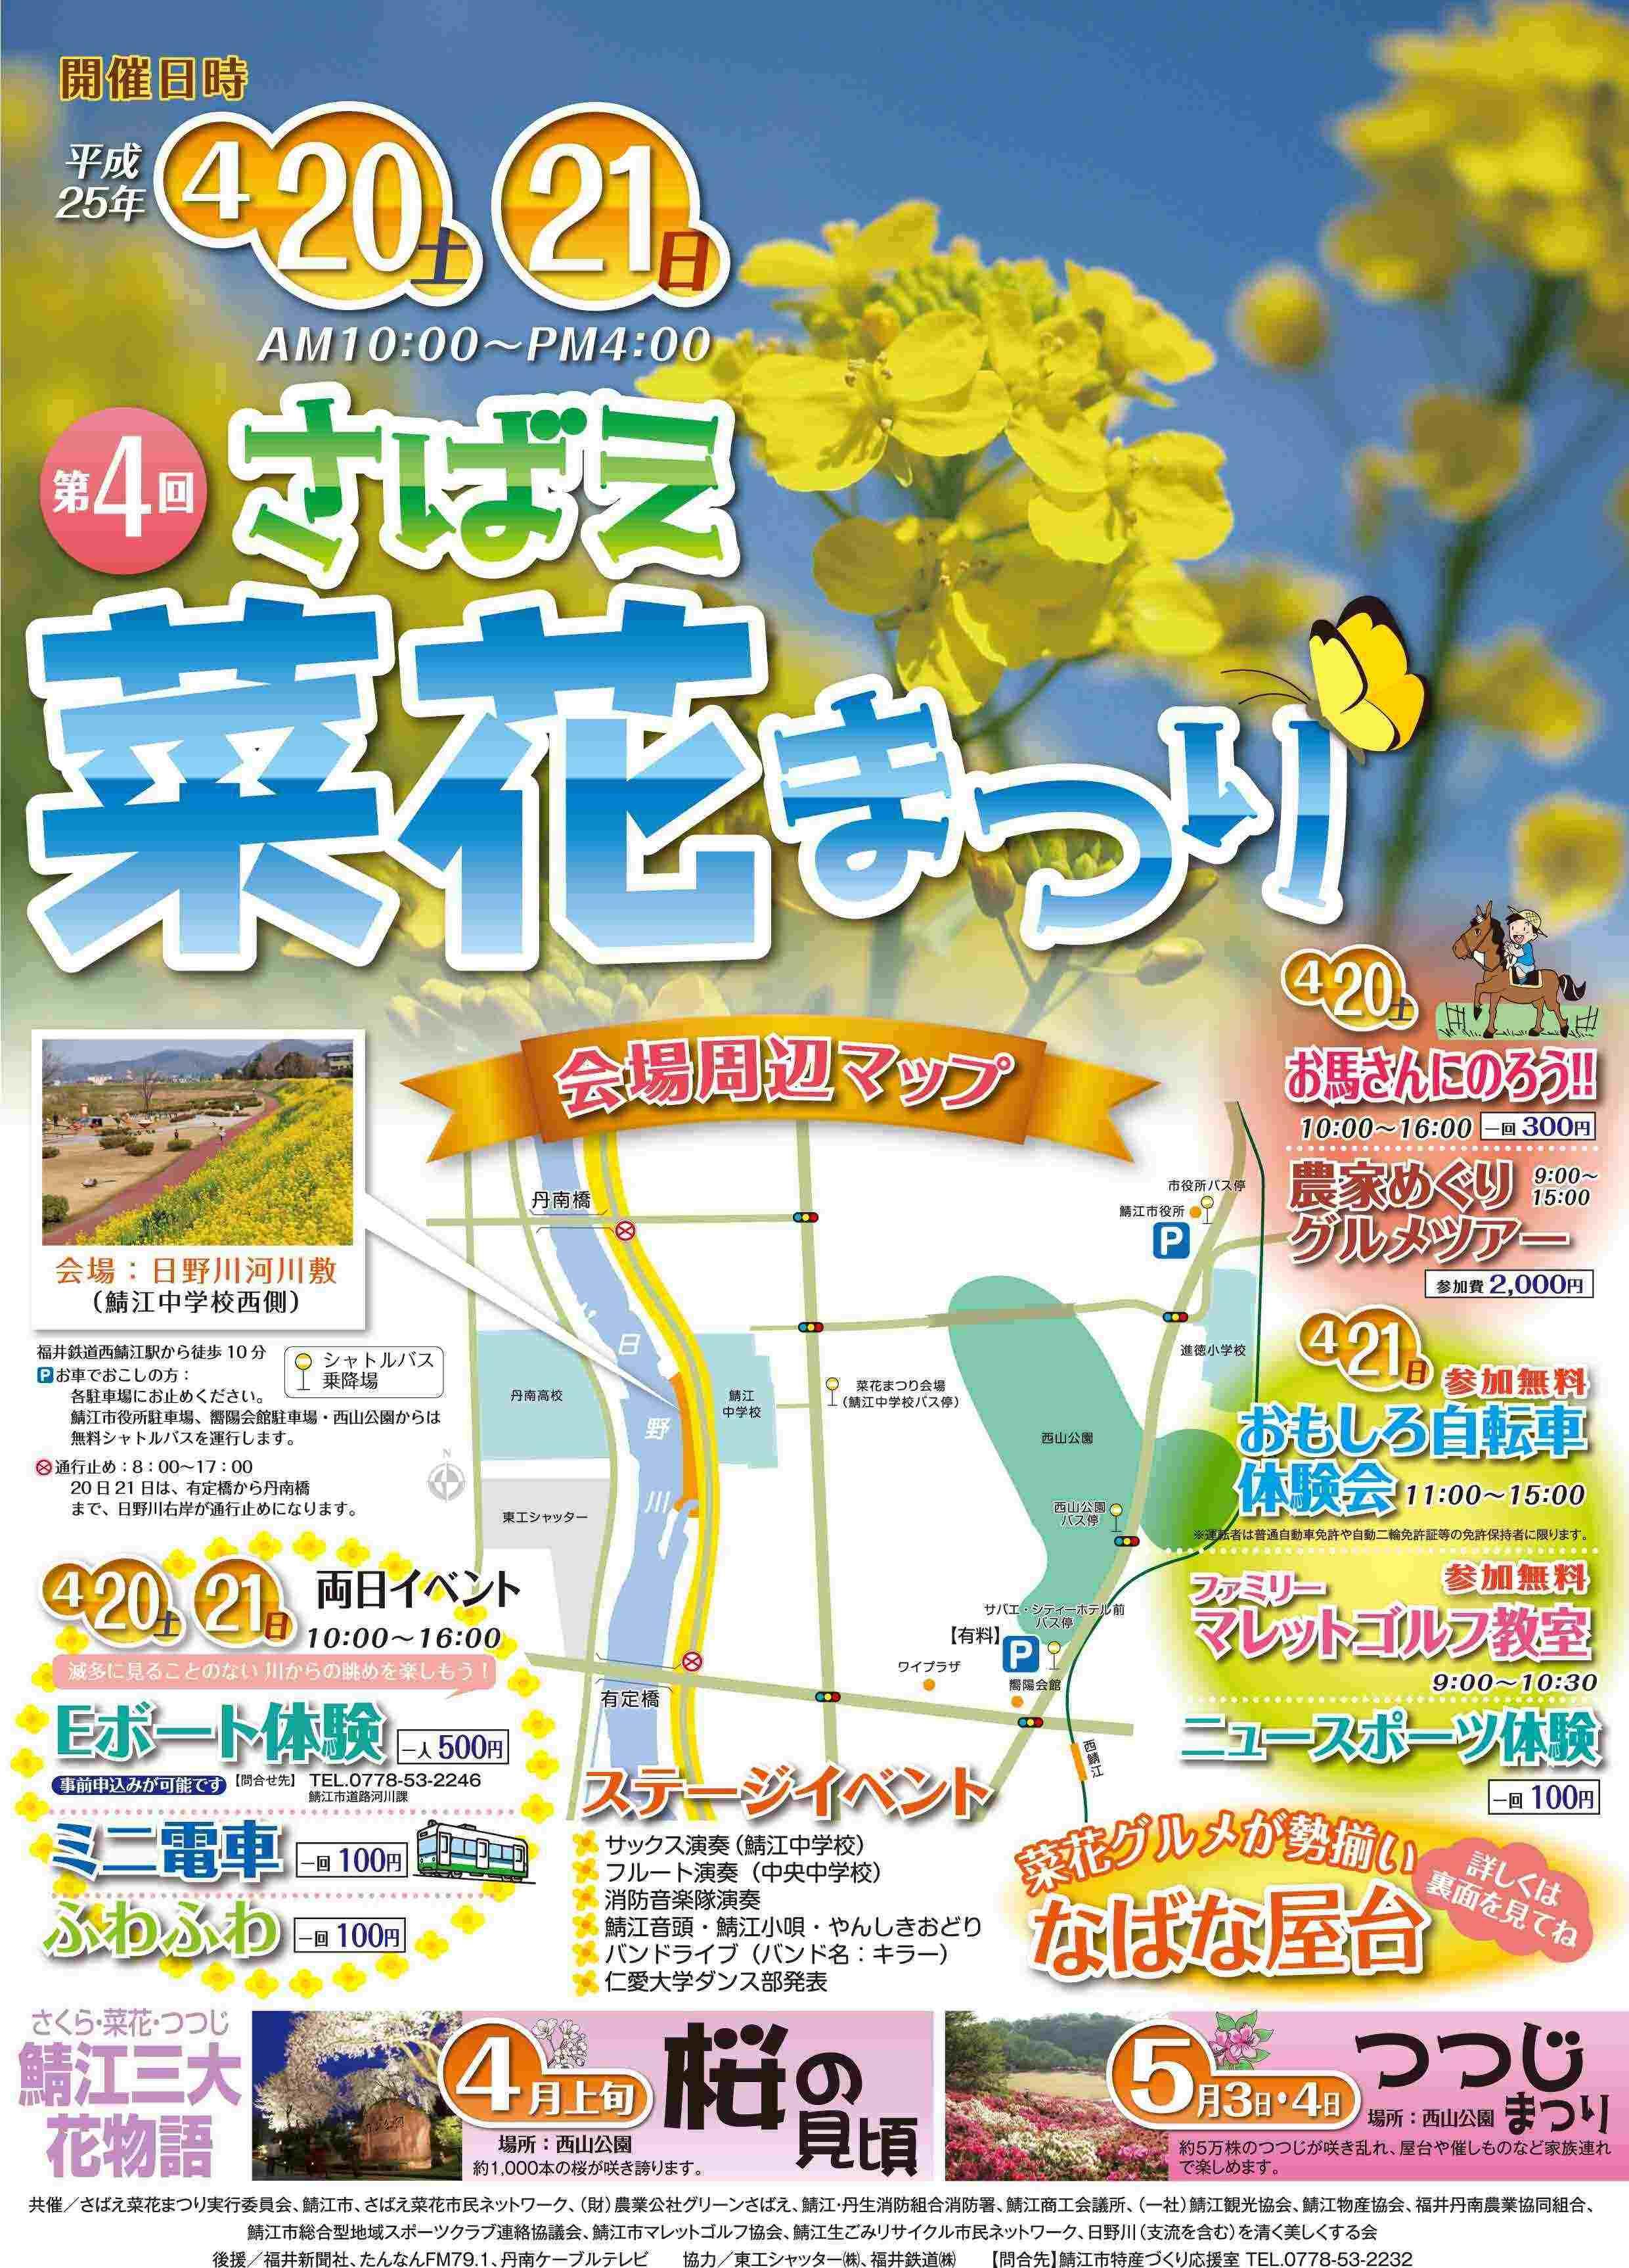 鯖江菜花まつり2013